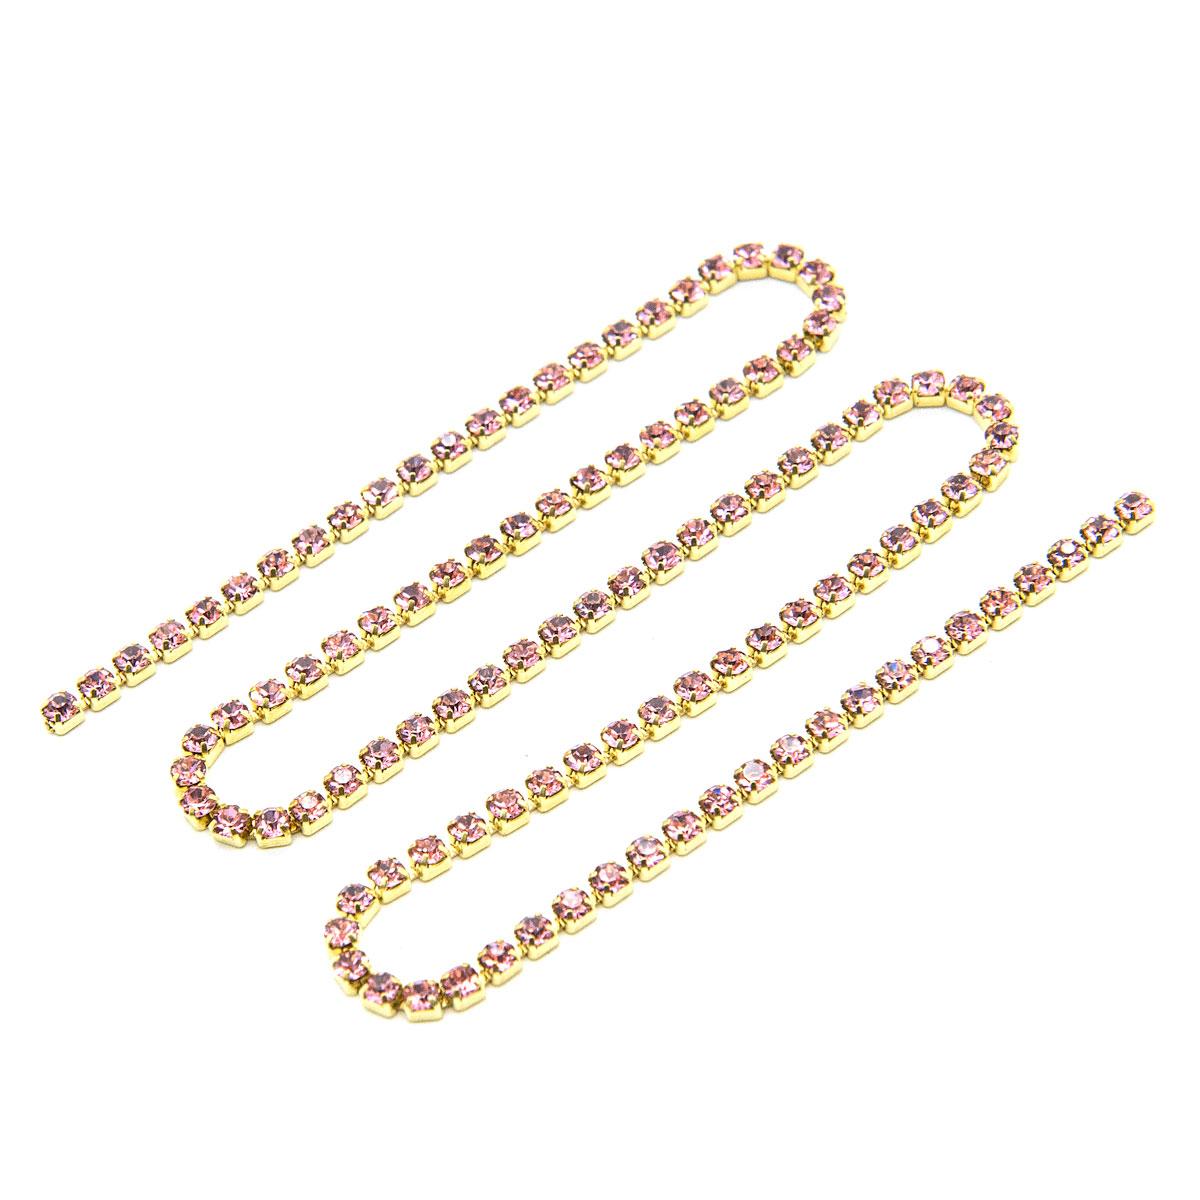 ЦС006ЗЦ2 Стразовые цепочки (золото), цвет: розовый, размер 2 мм, 30 см/упак.